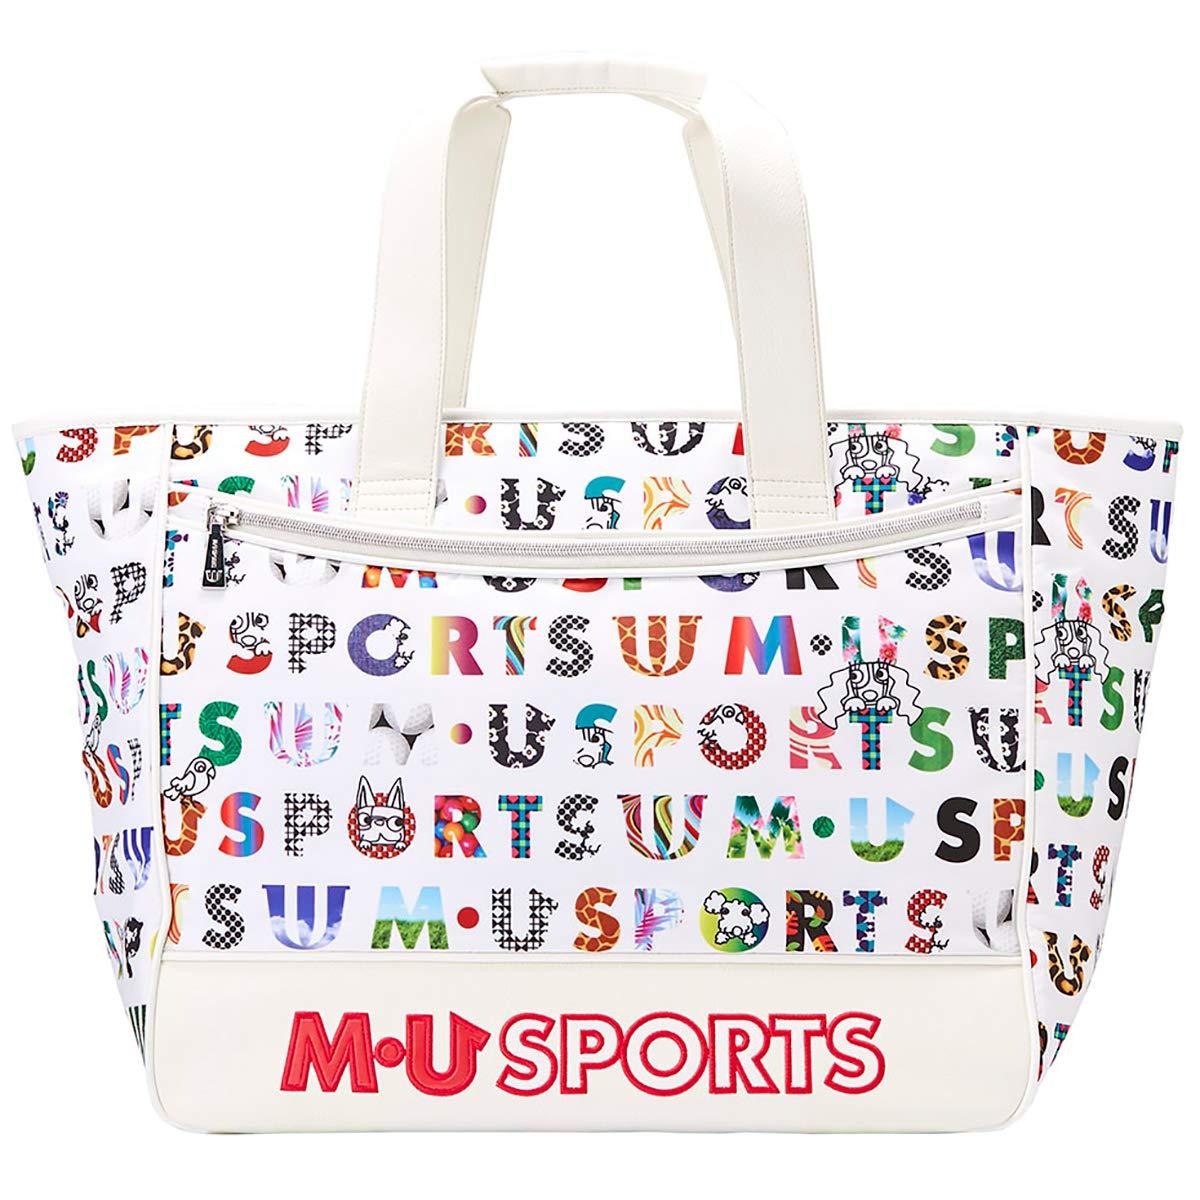 MU SPORTS(エム ユースポーツ) ボストンバッグ 2019SSシリーズ カラフルロゴプリントボストンバッグ ホワイト 703P1204 ホワイト B07NP7CVX5